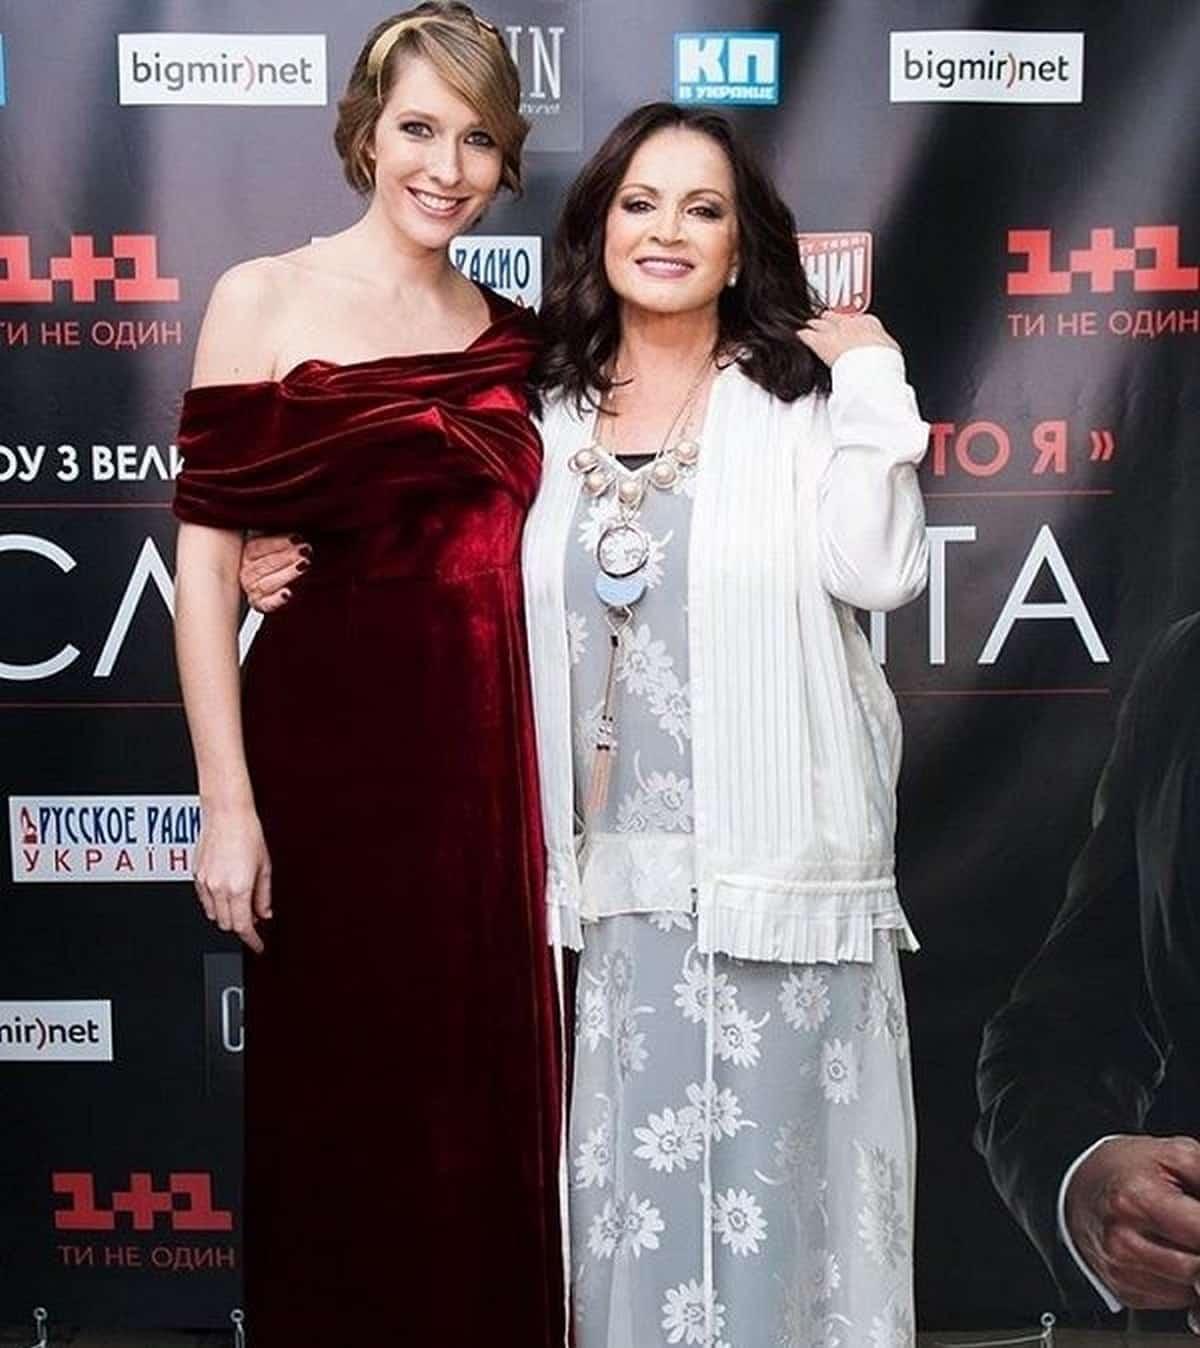 Как сейчас выглядит София Ротару? И посмотрите на ее внучку!